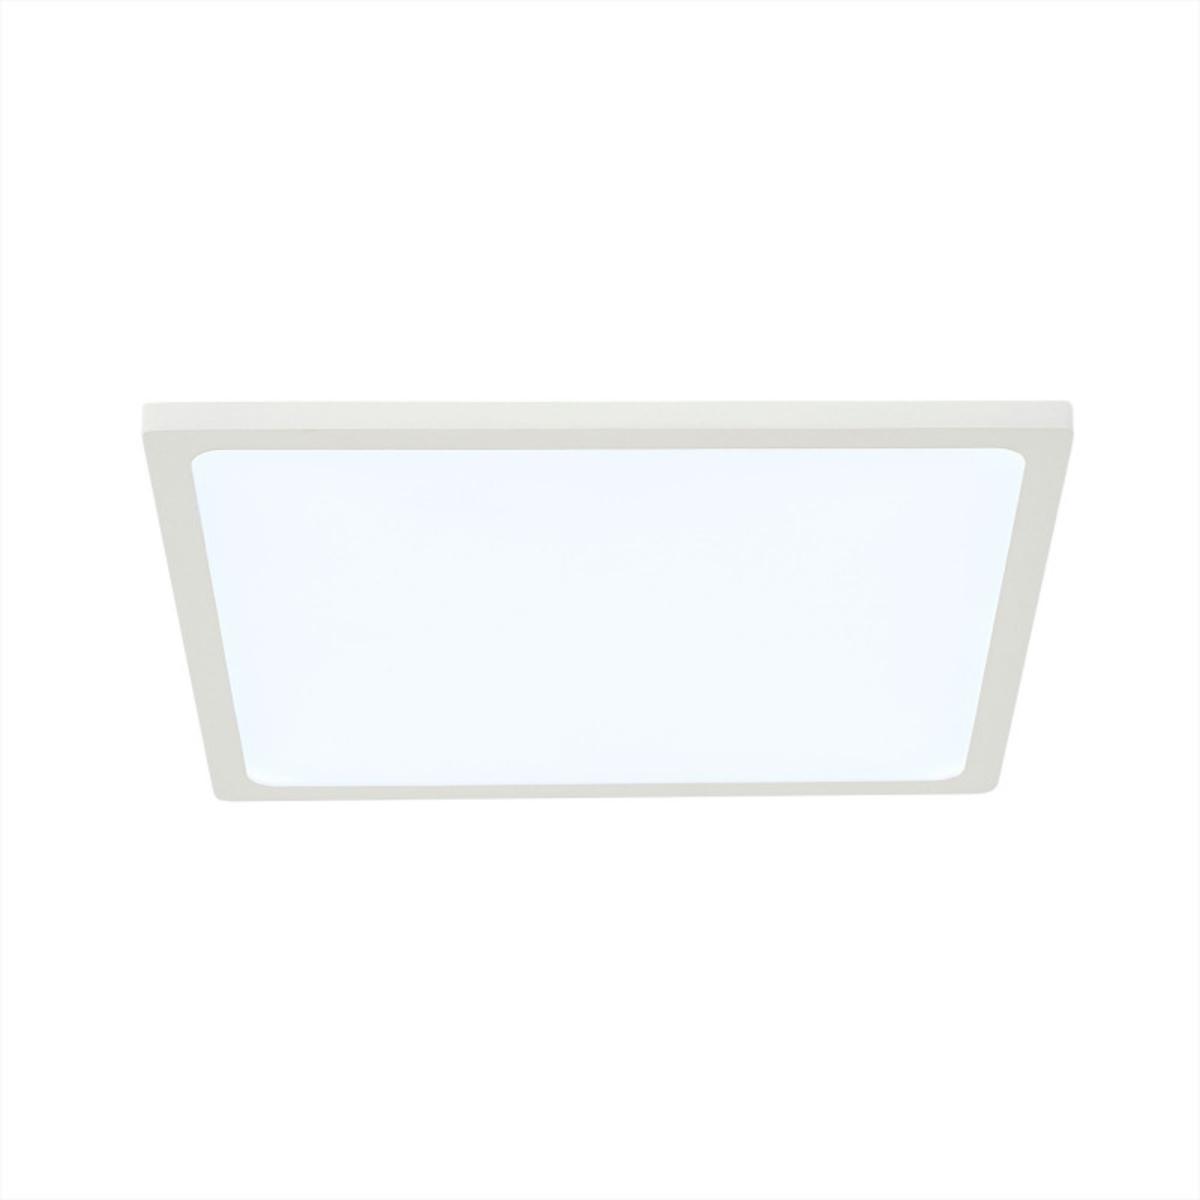 Купить Встраиваемый светильник Омега CLD50K220N, HomeMe